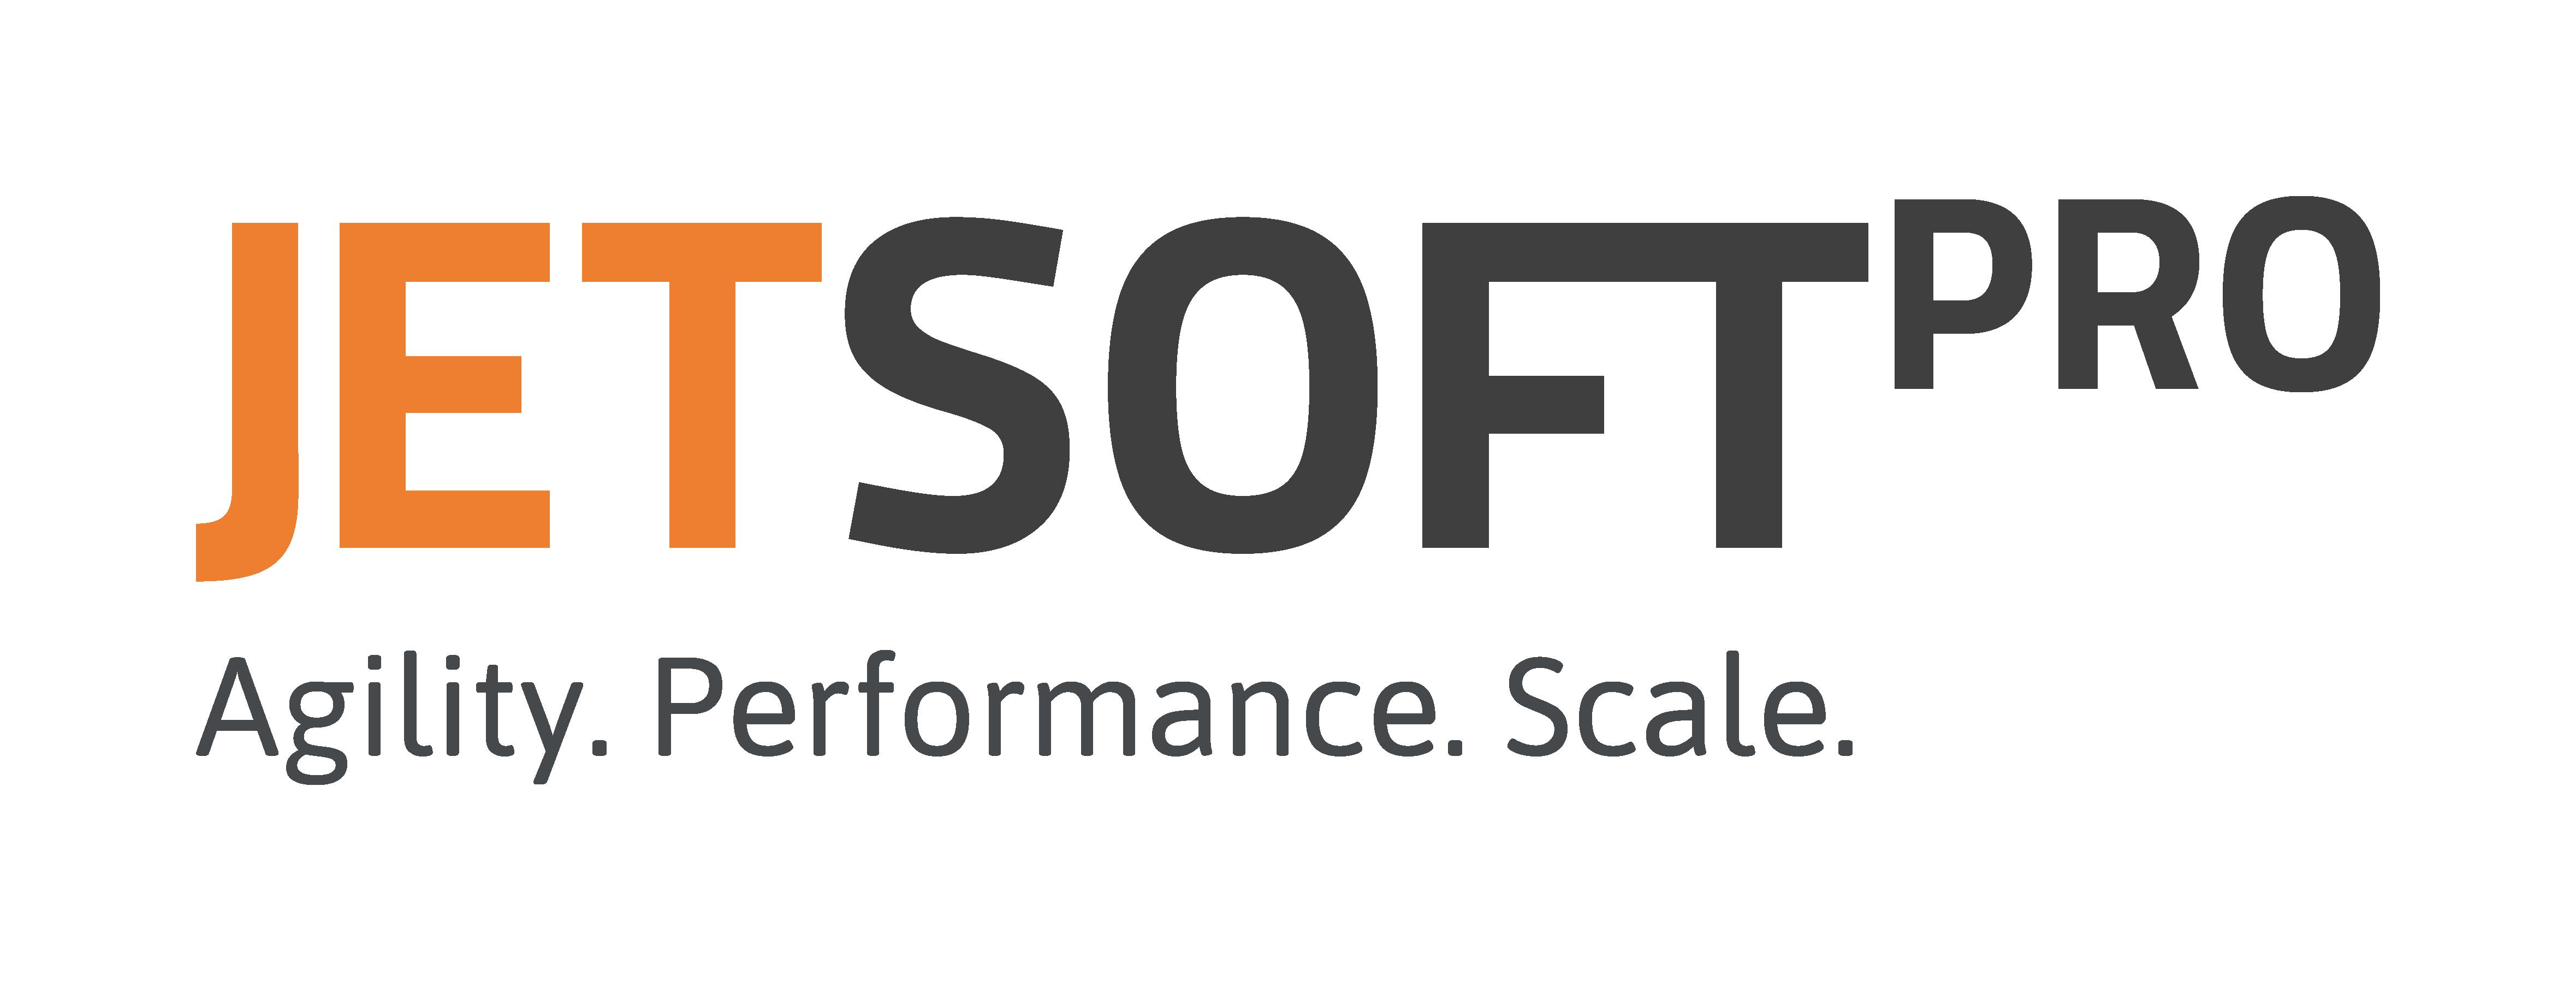 JetSoftPro logo